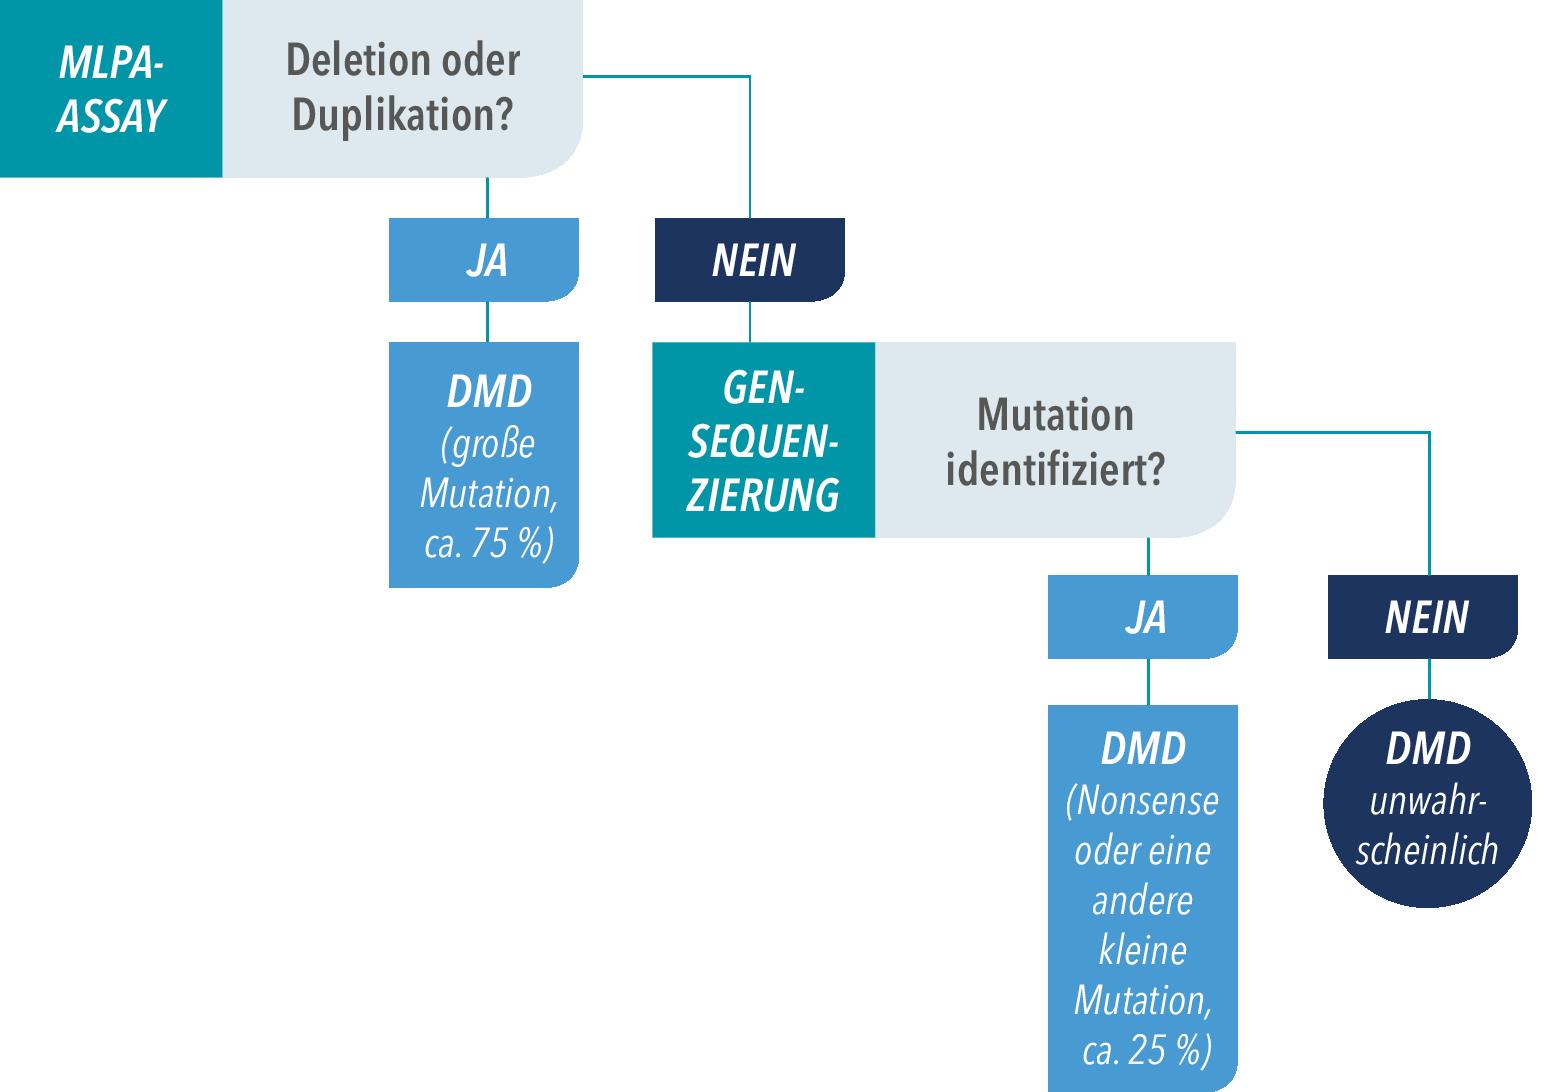 Wann besteht Verdacht auf DMD - Muskelschwund